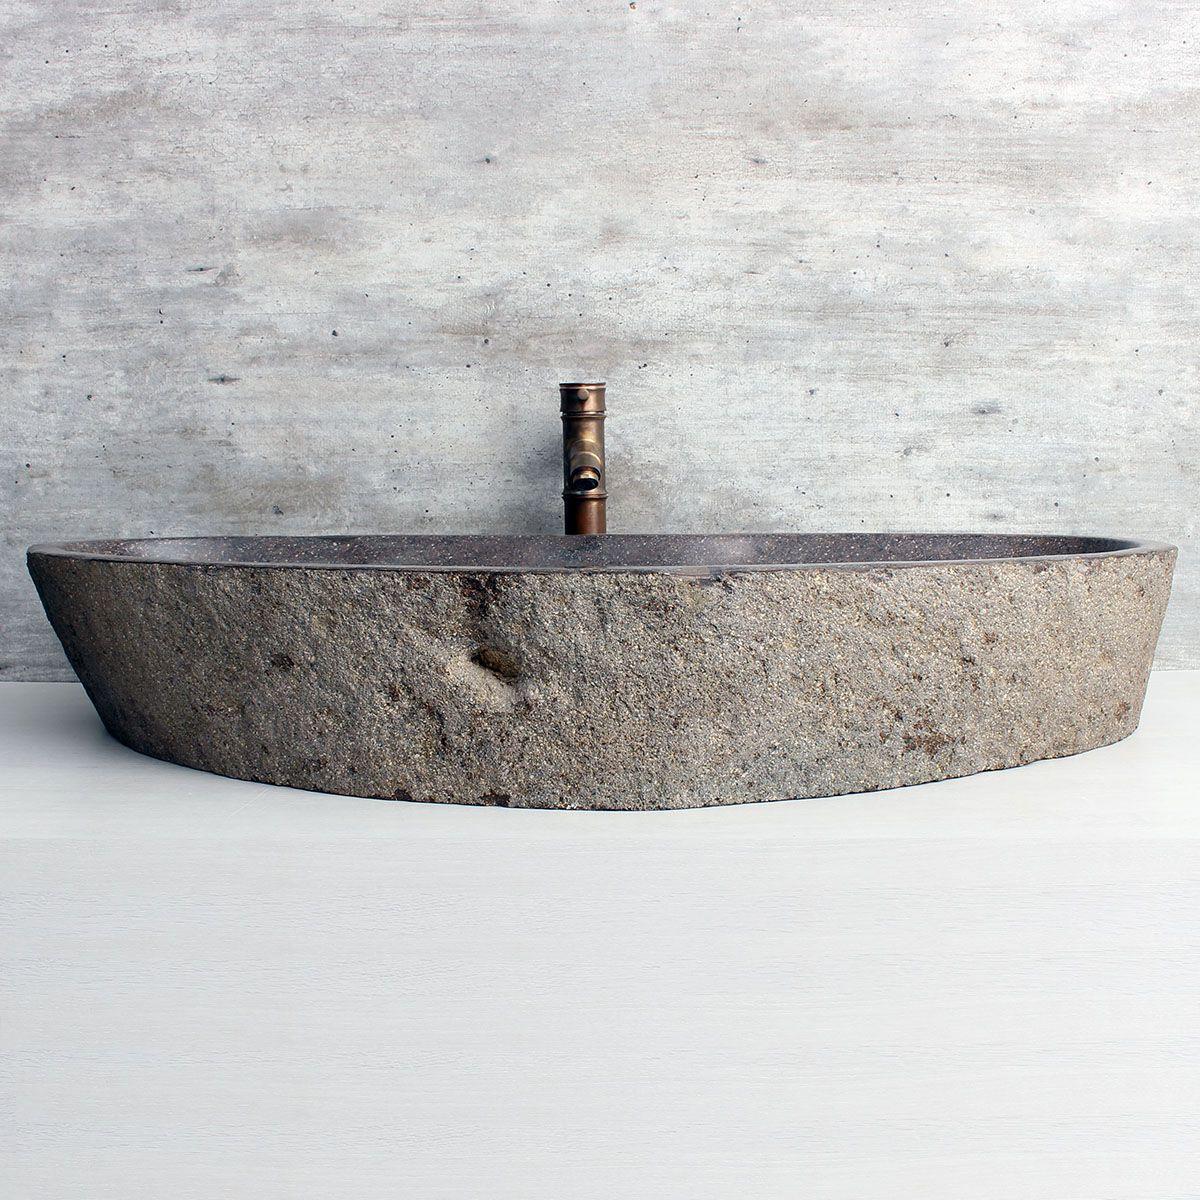 Cuba de Banheiro em Pedra Natural XXXL30 90x42x15cm